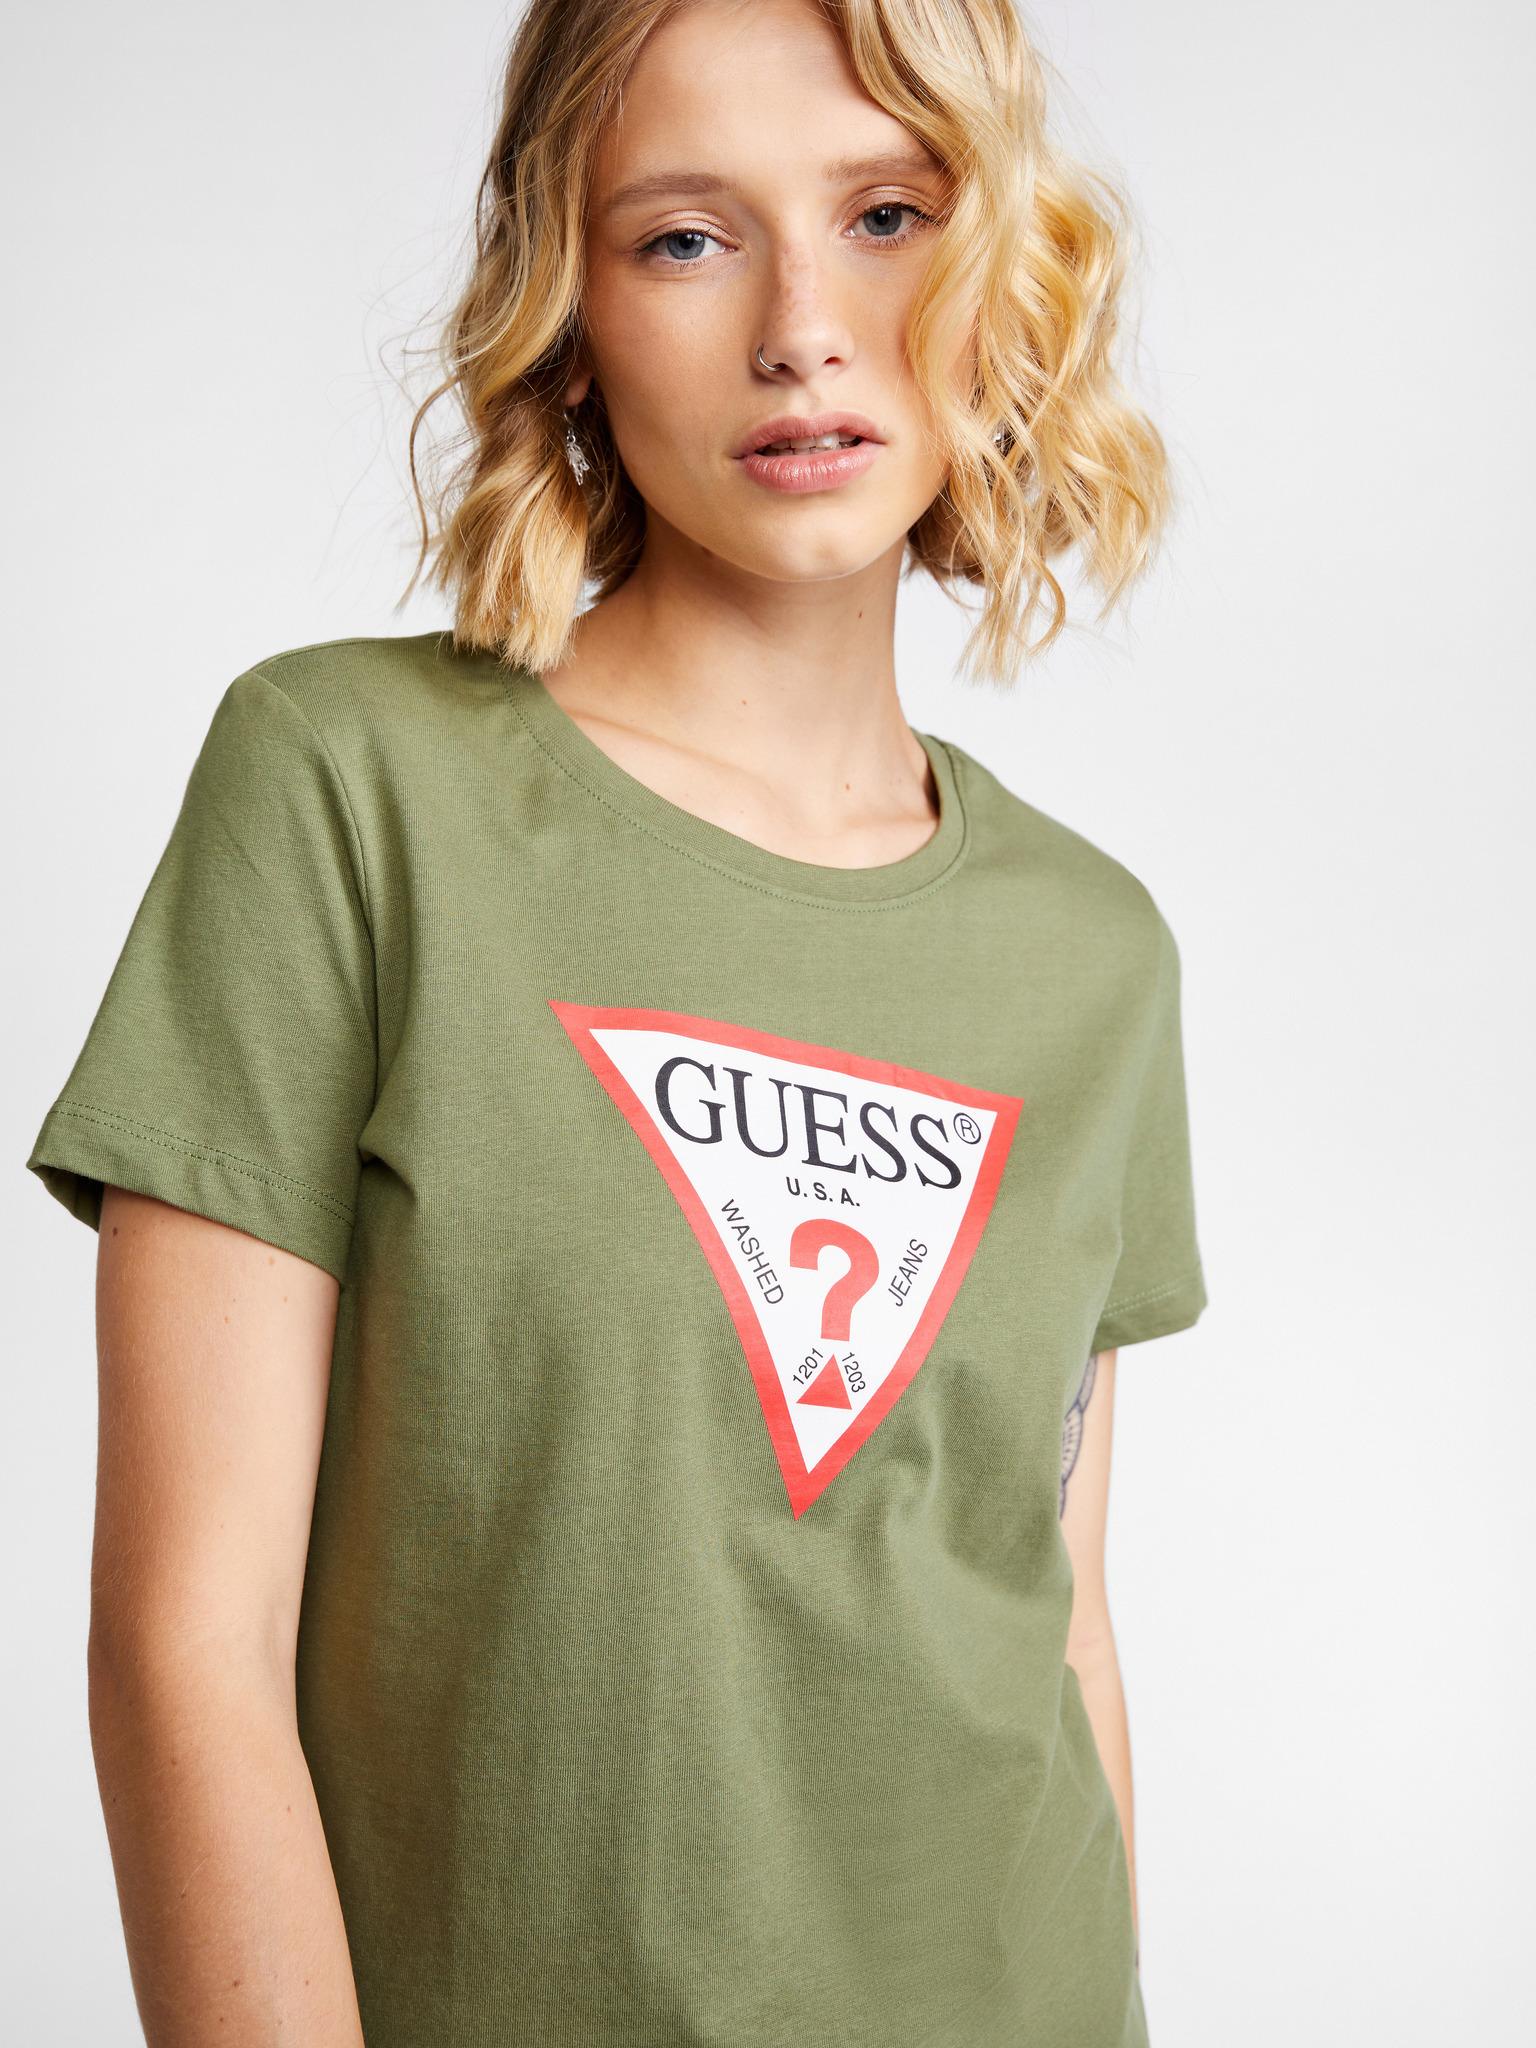 Guess Women's t-shirt green Triko